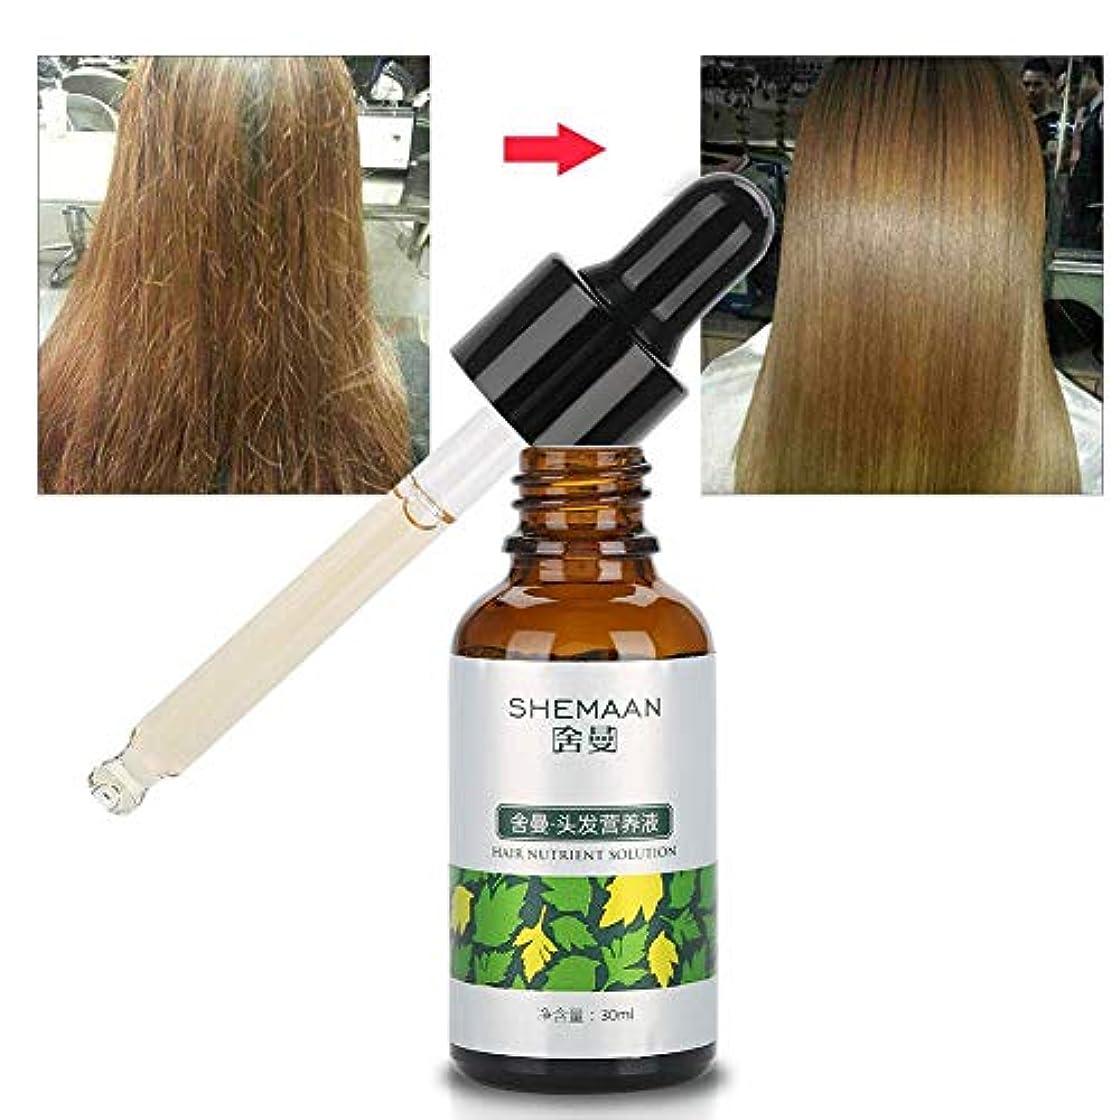 無心ブリード乱すオイルヘア製品、30mlユニセックスセラムにより、髪を滑らかで柔らかく、明るい髪にします。髪のもつれや枝毛を減らします。